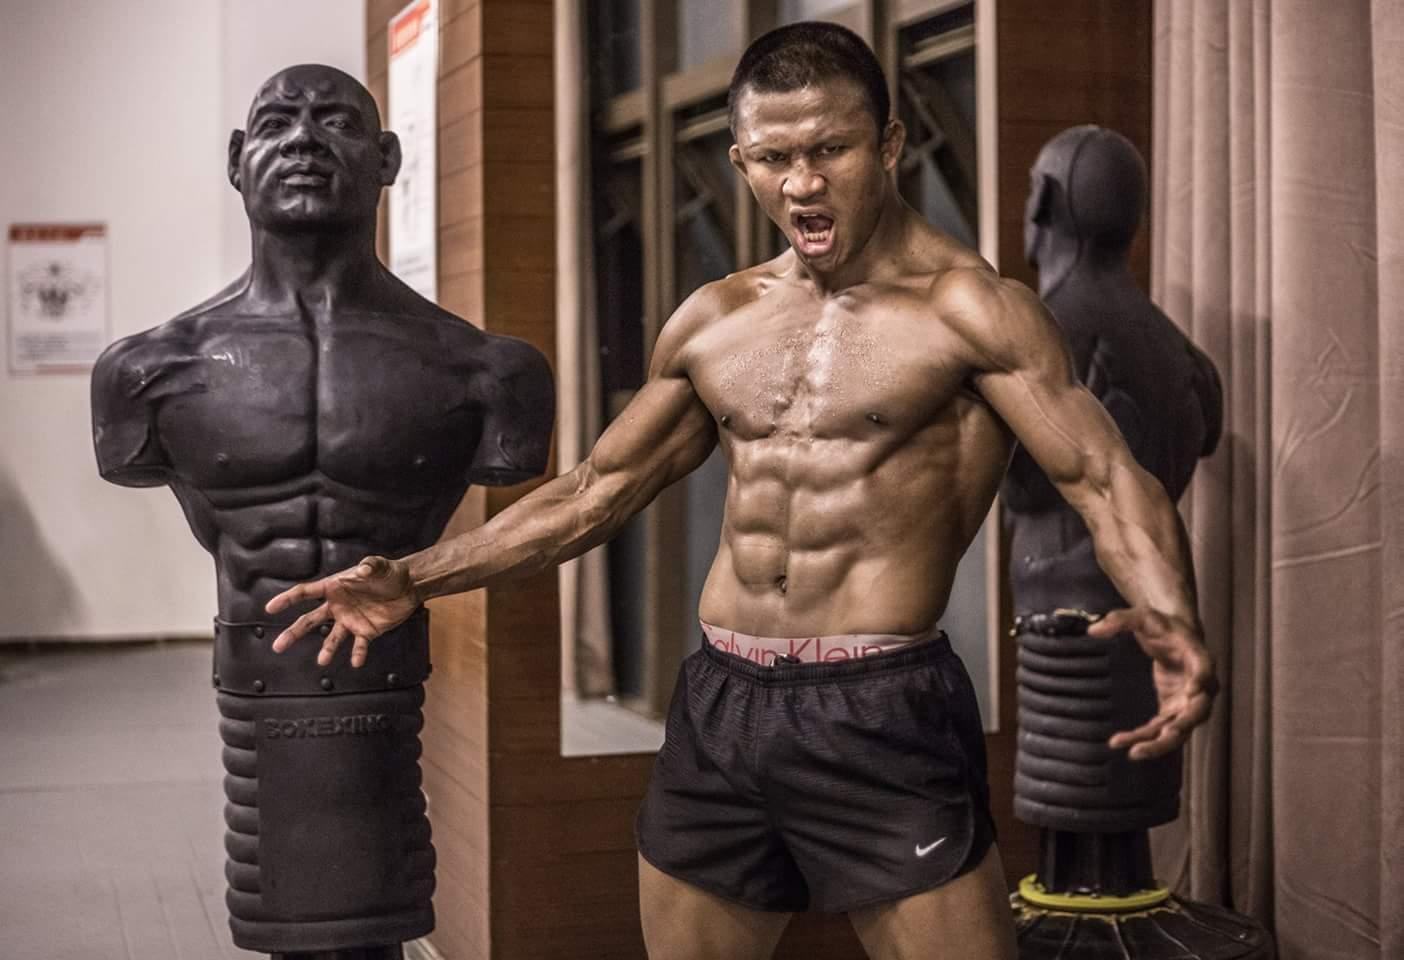 播求的肌肉线条近乎完美,出众的身体素质保证他可以在高强度对抗中占据上风。